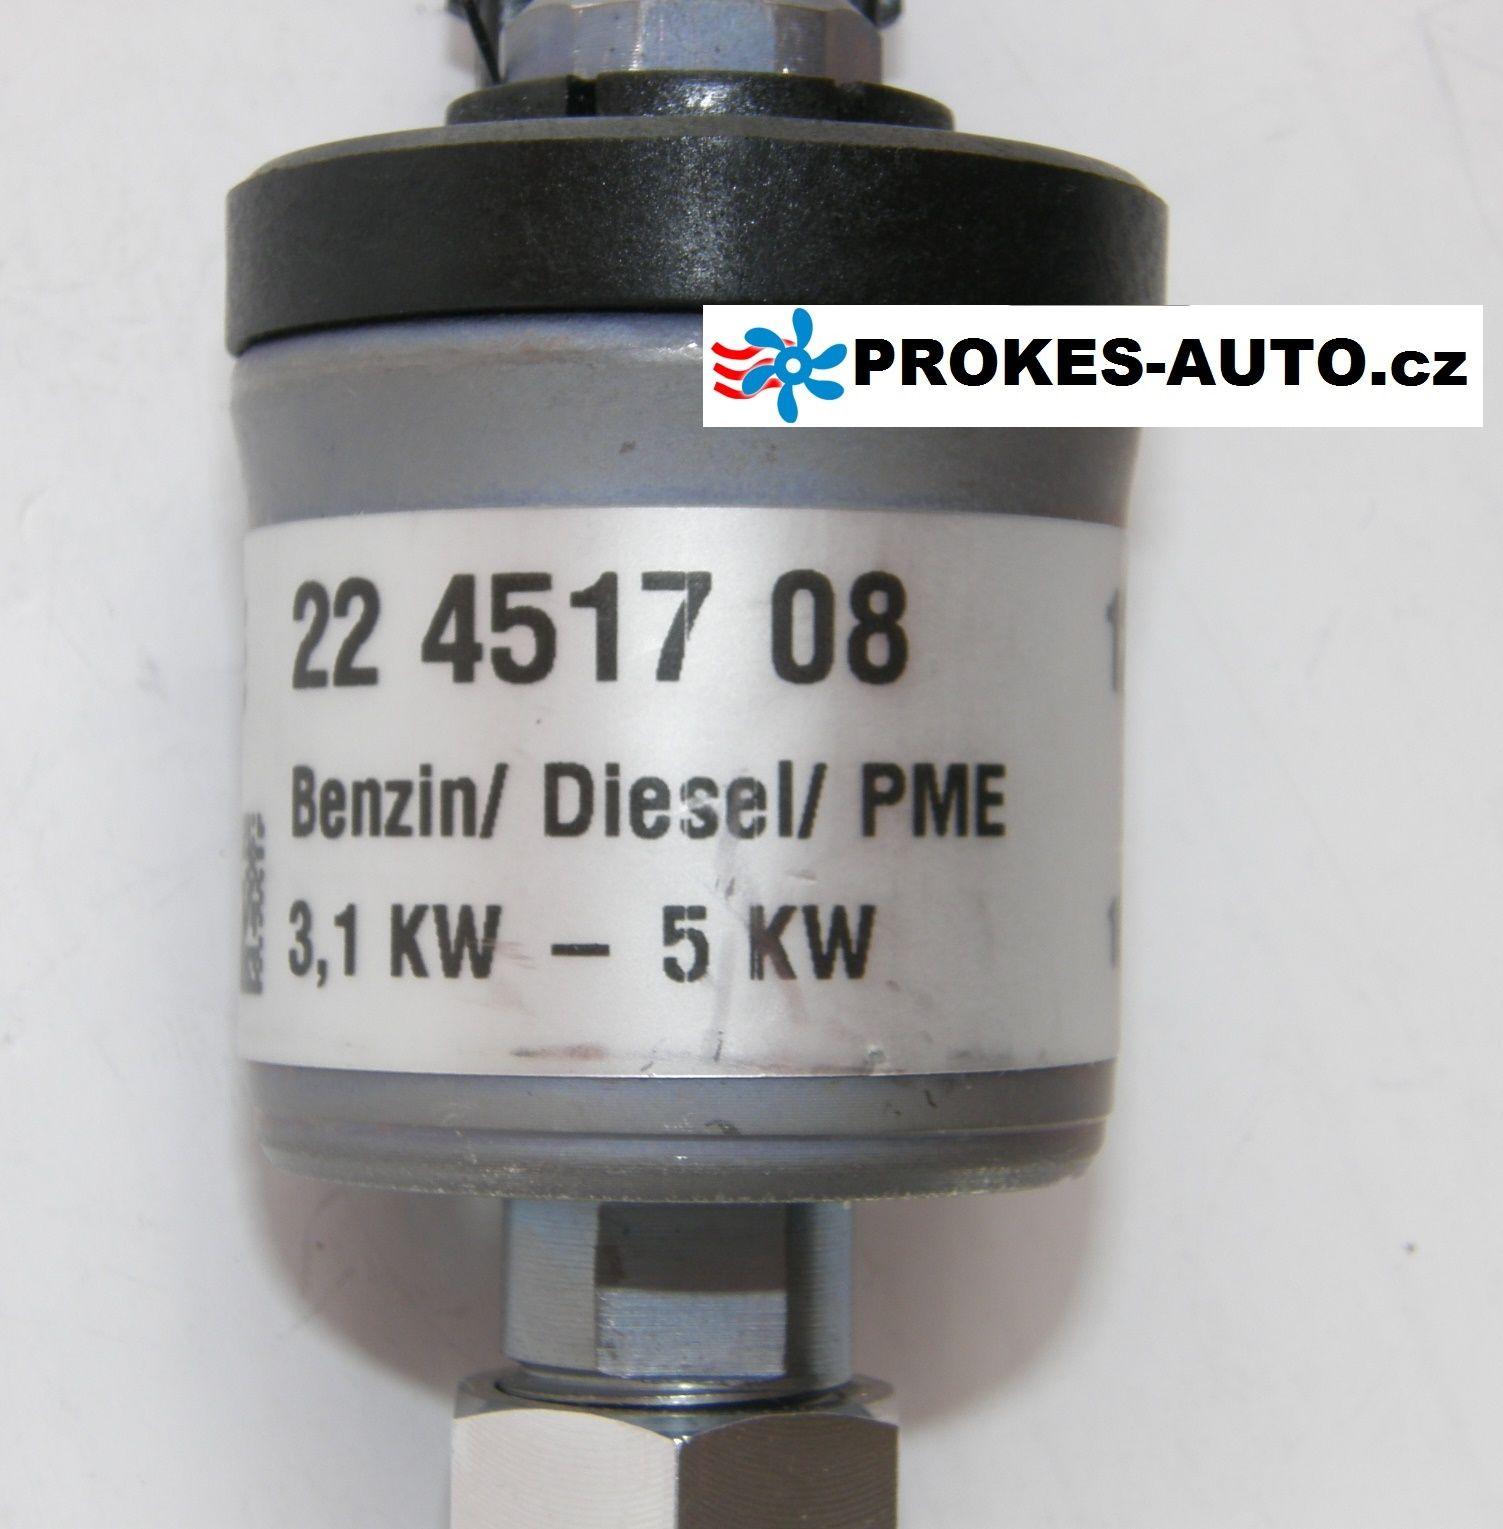 Kraftstoffpumpe 12V 3,1-5kW 224517080000 Eberspächer